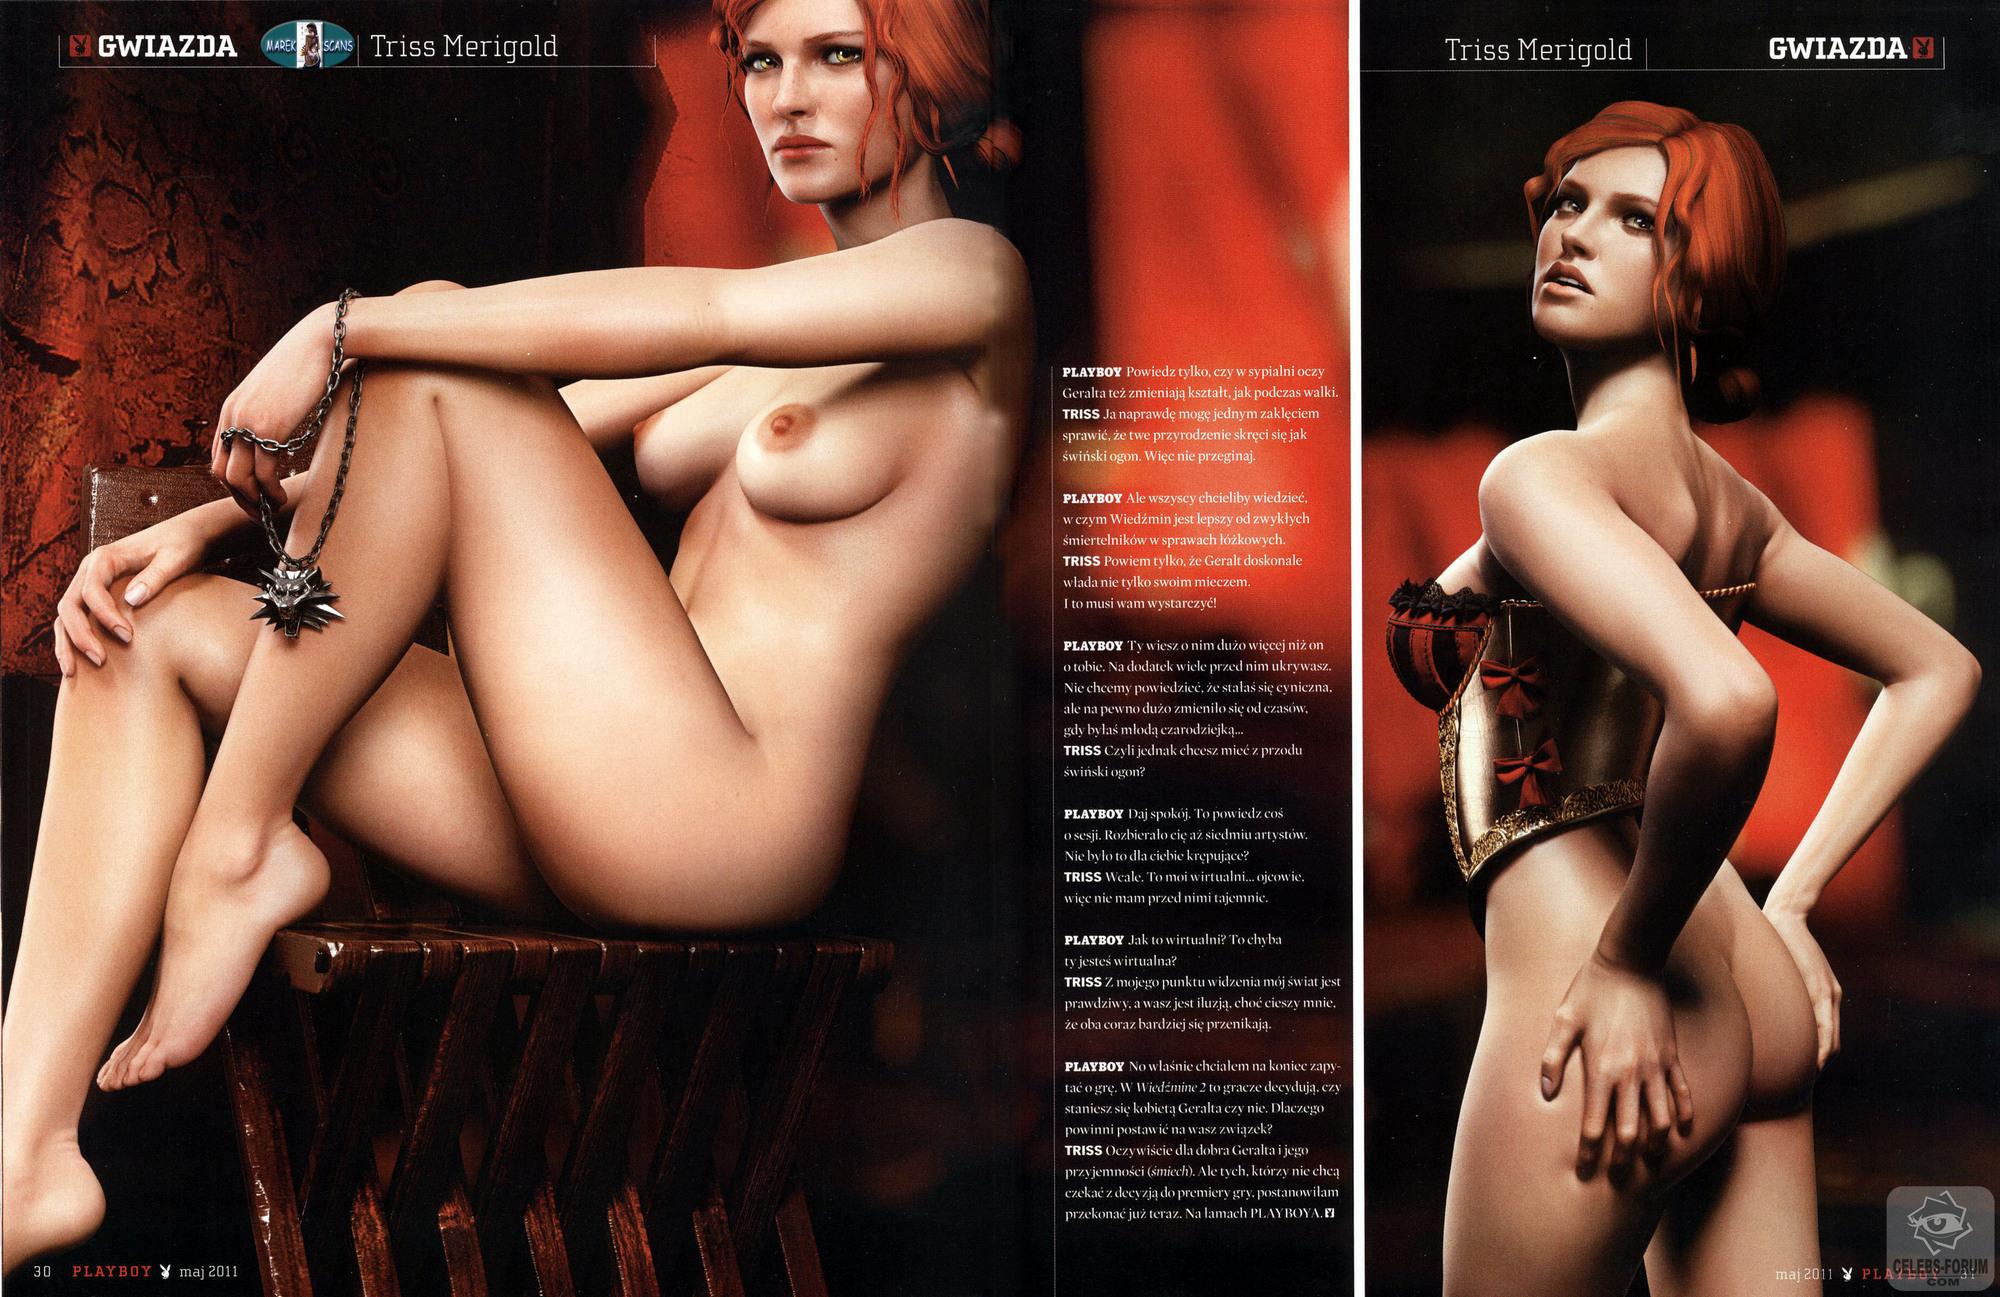 Ведьмак 2: Убийцы королей - Трисс на обложке журнала Playboy!